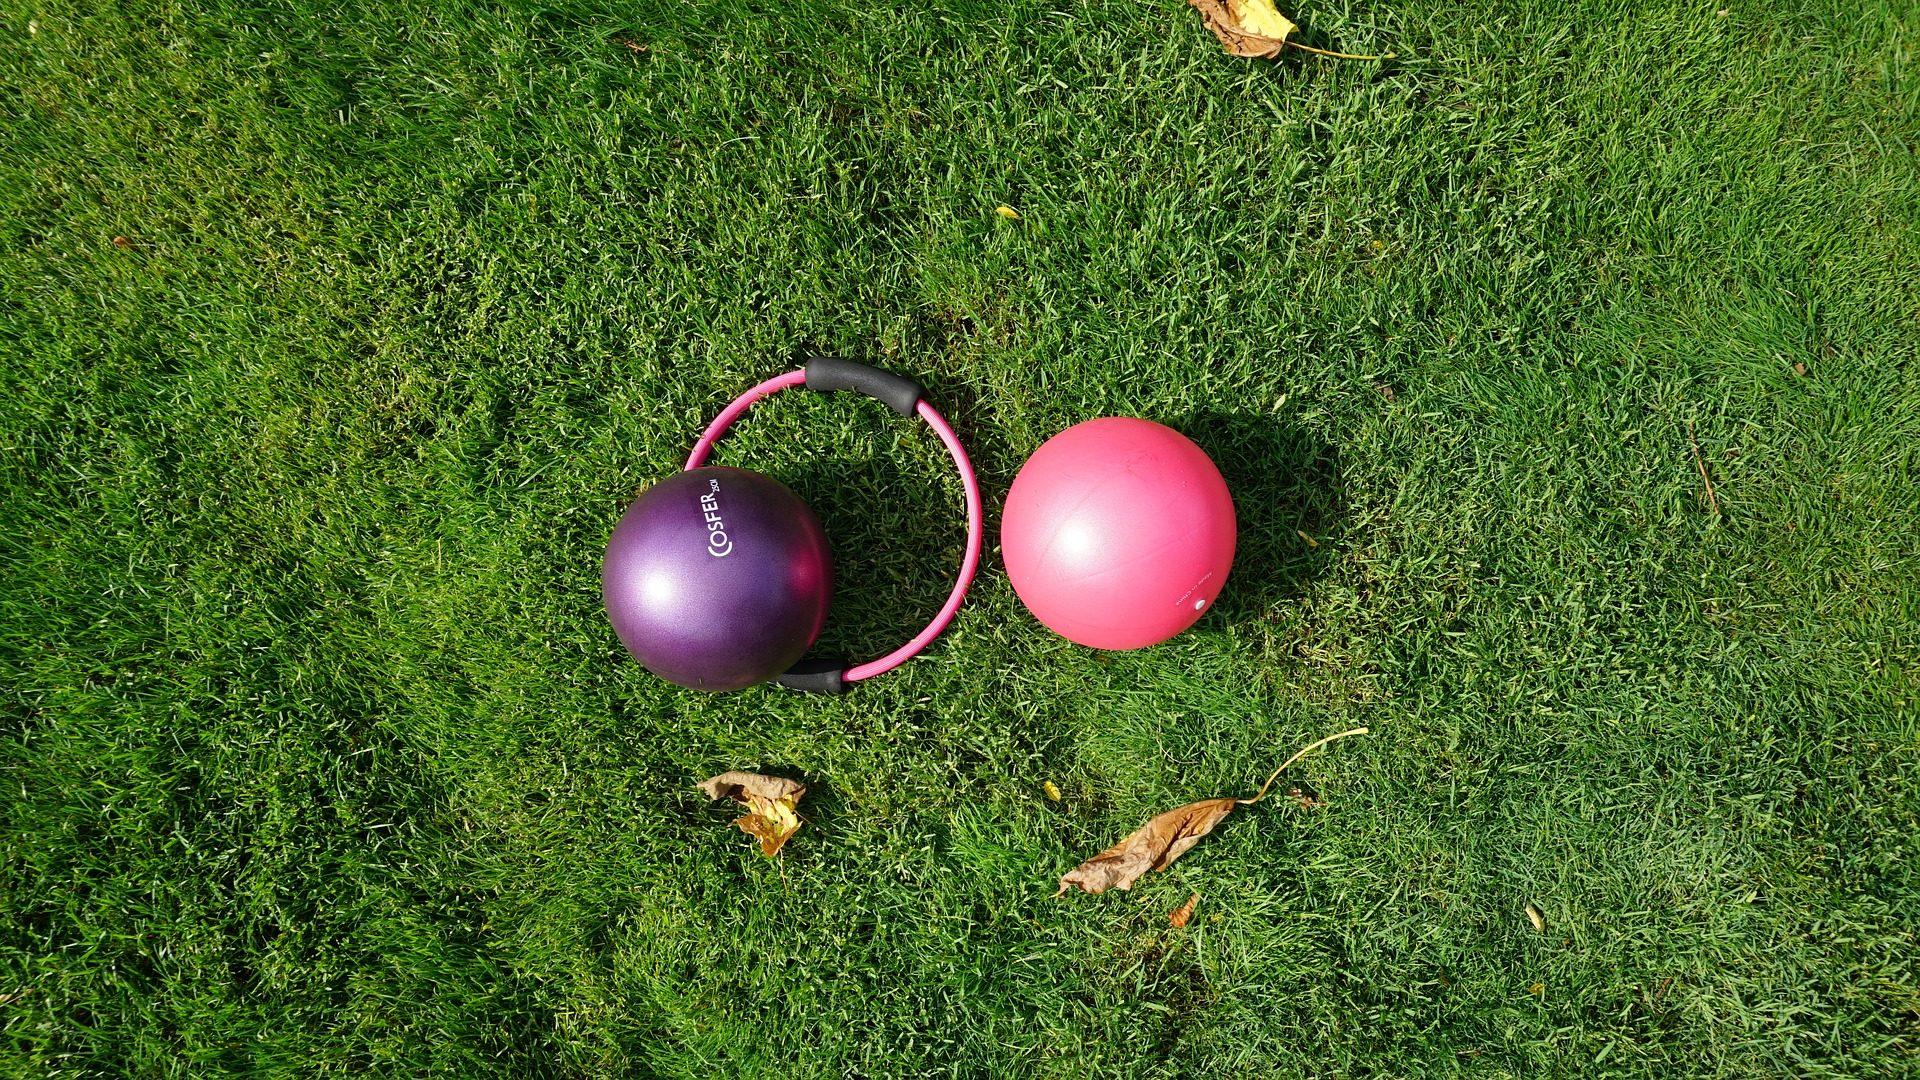 pelotas, μπάλες, Pilates, δαχτυλίδι, γκαζόν, υπαίθριο, άσκηση - Wallpapers HD - Professor-falken.com